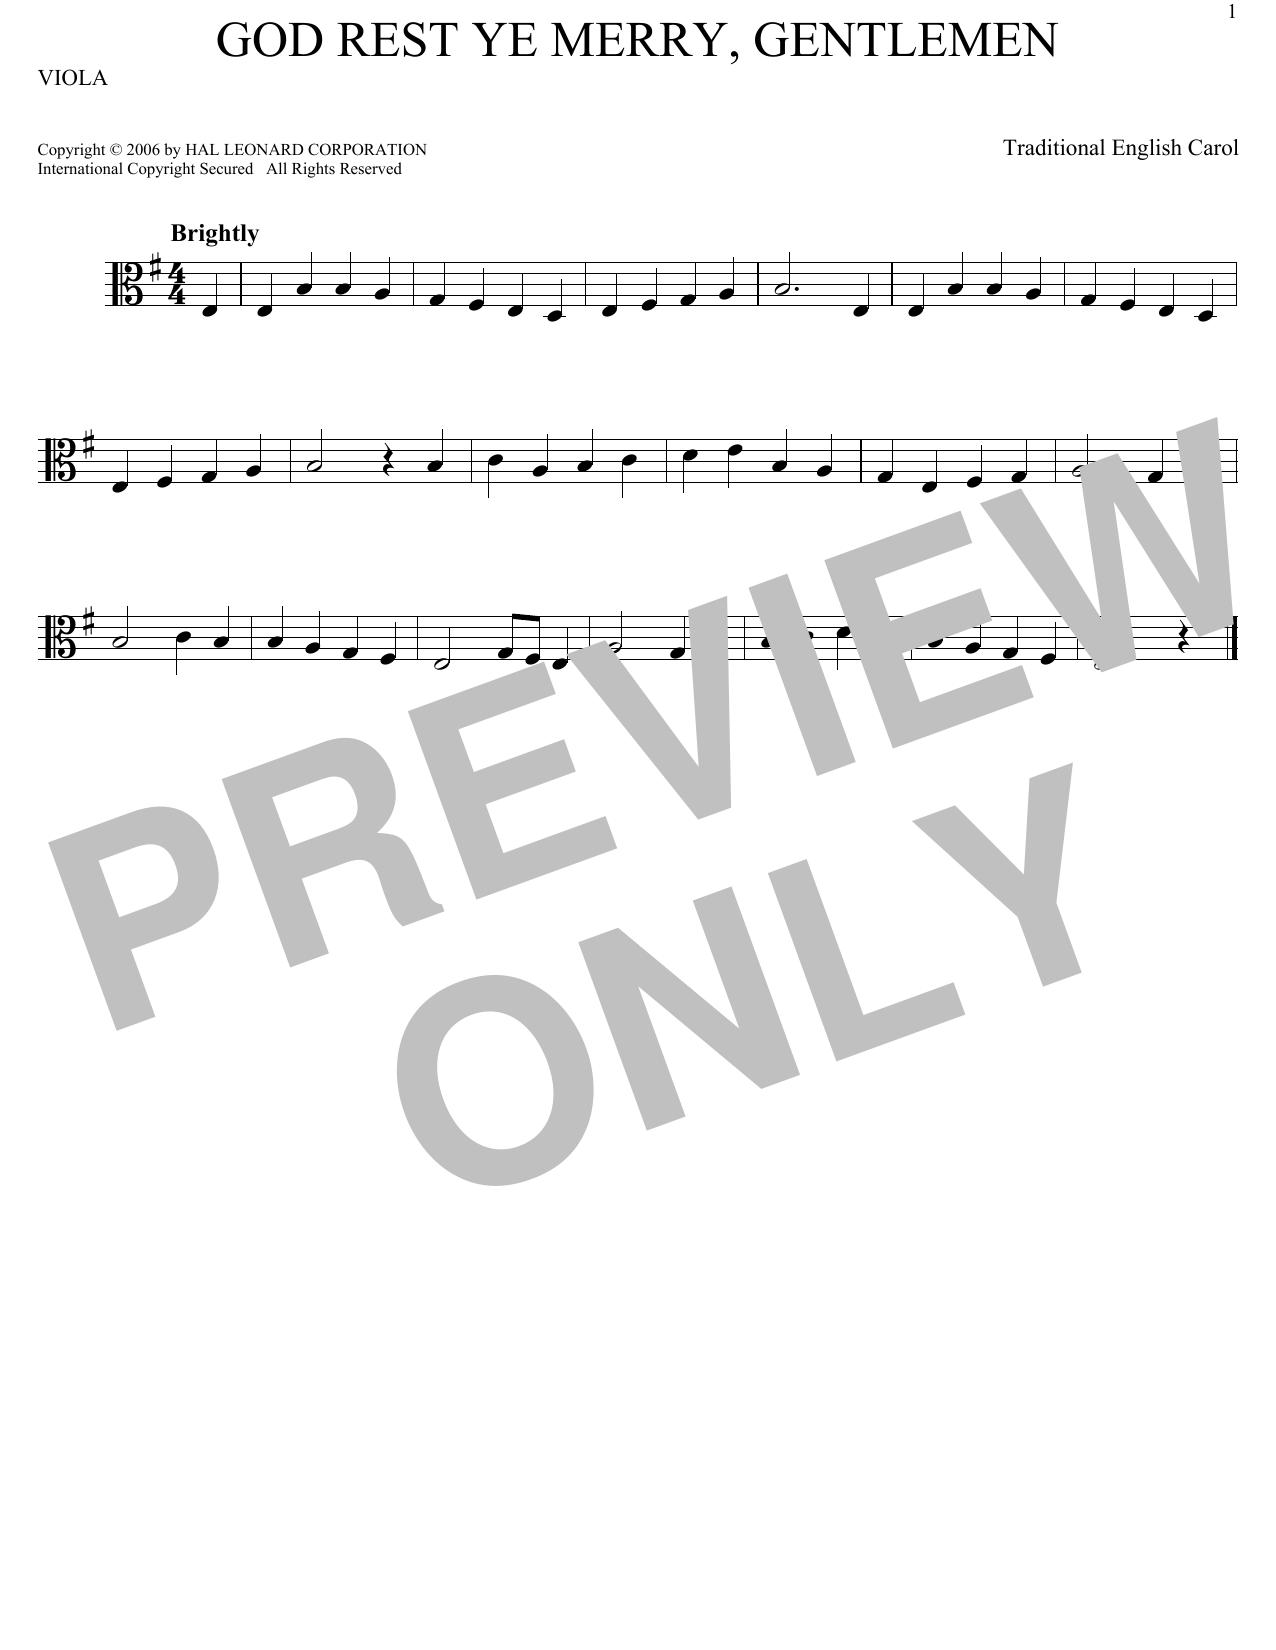 God Rest Ye Merry, Gentlemen (Viola Solo)